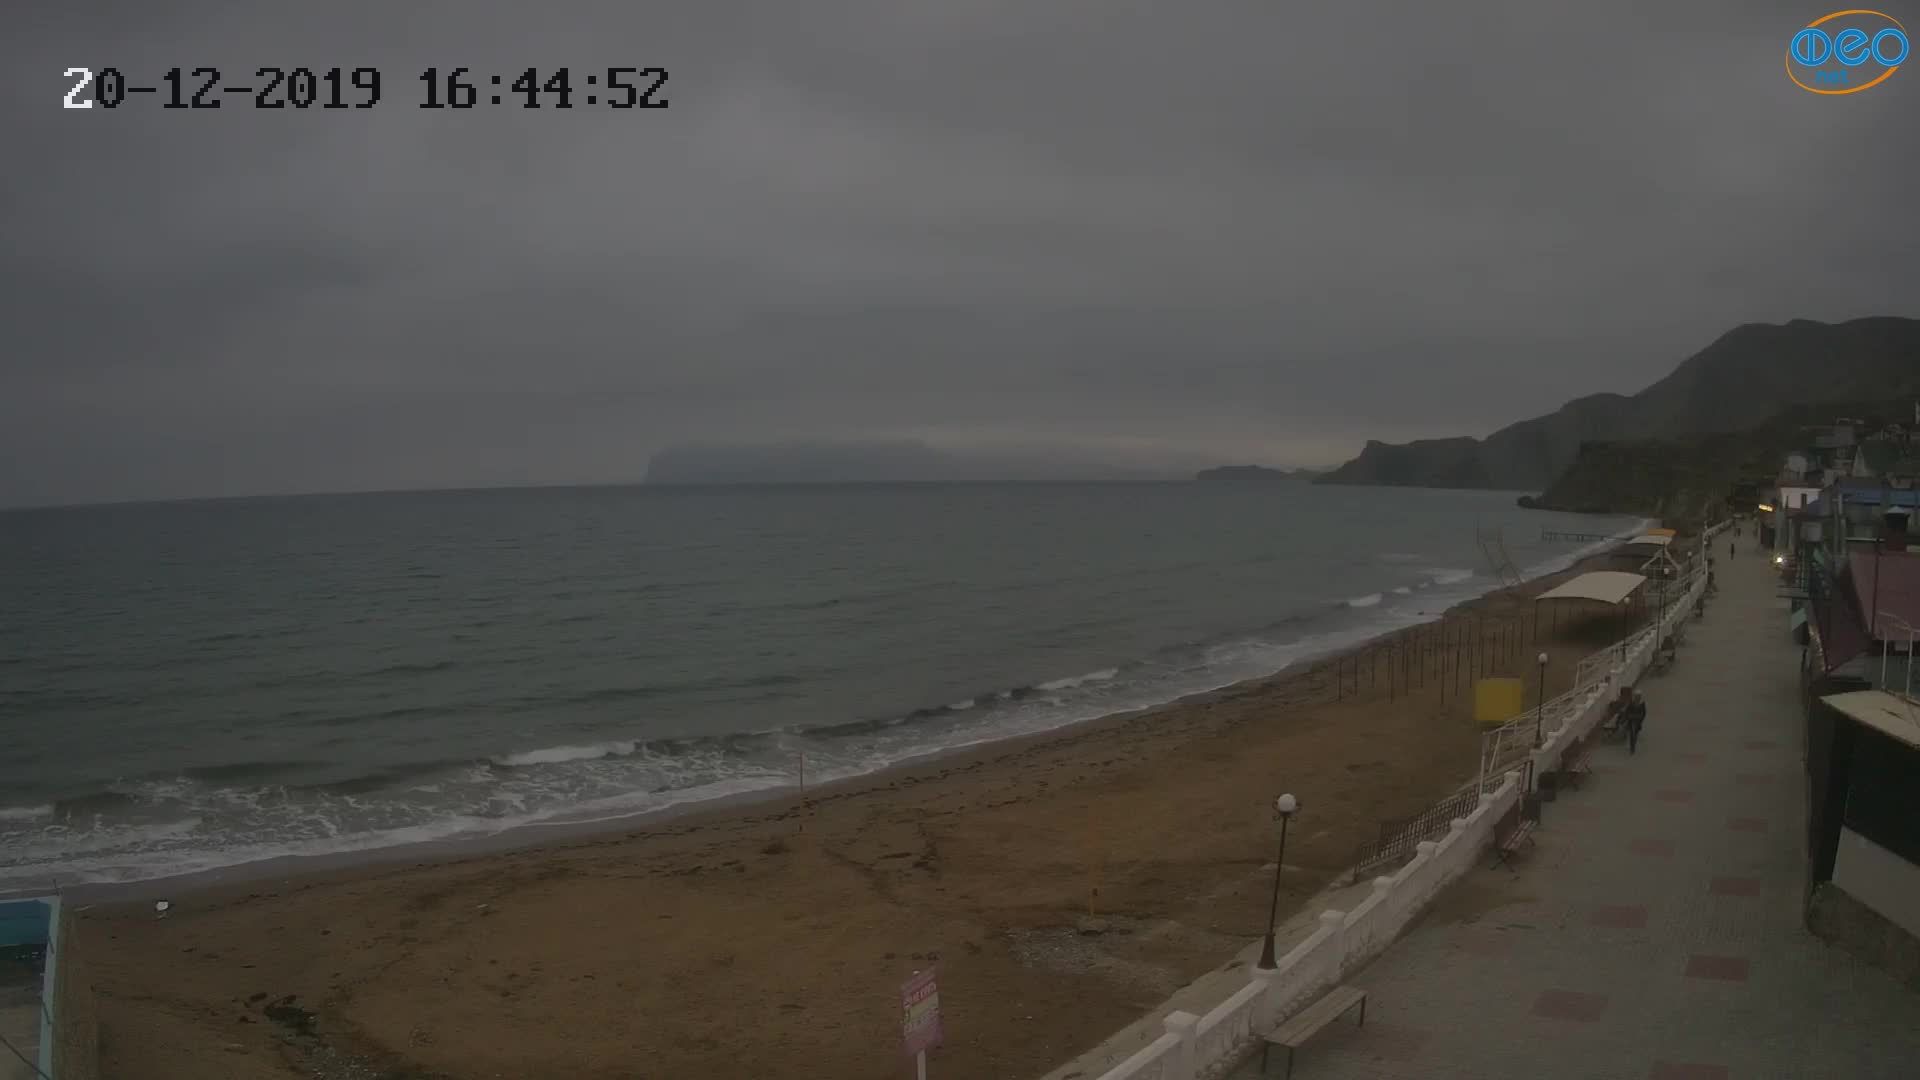 Веб-камеры Феодосии, Орджоникидзе - набережная, 2019-12-20 16:45:15